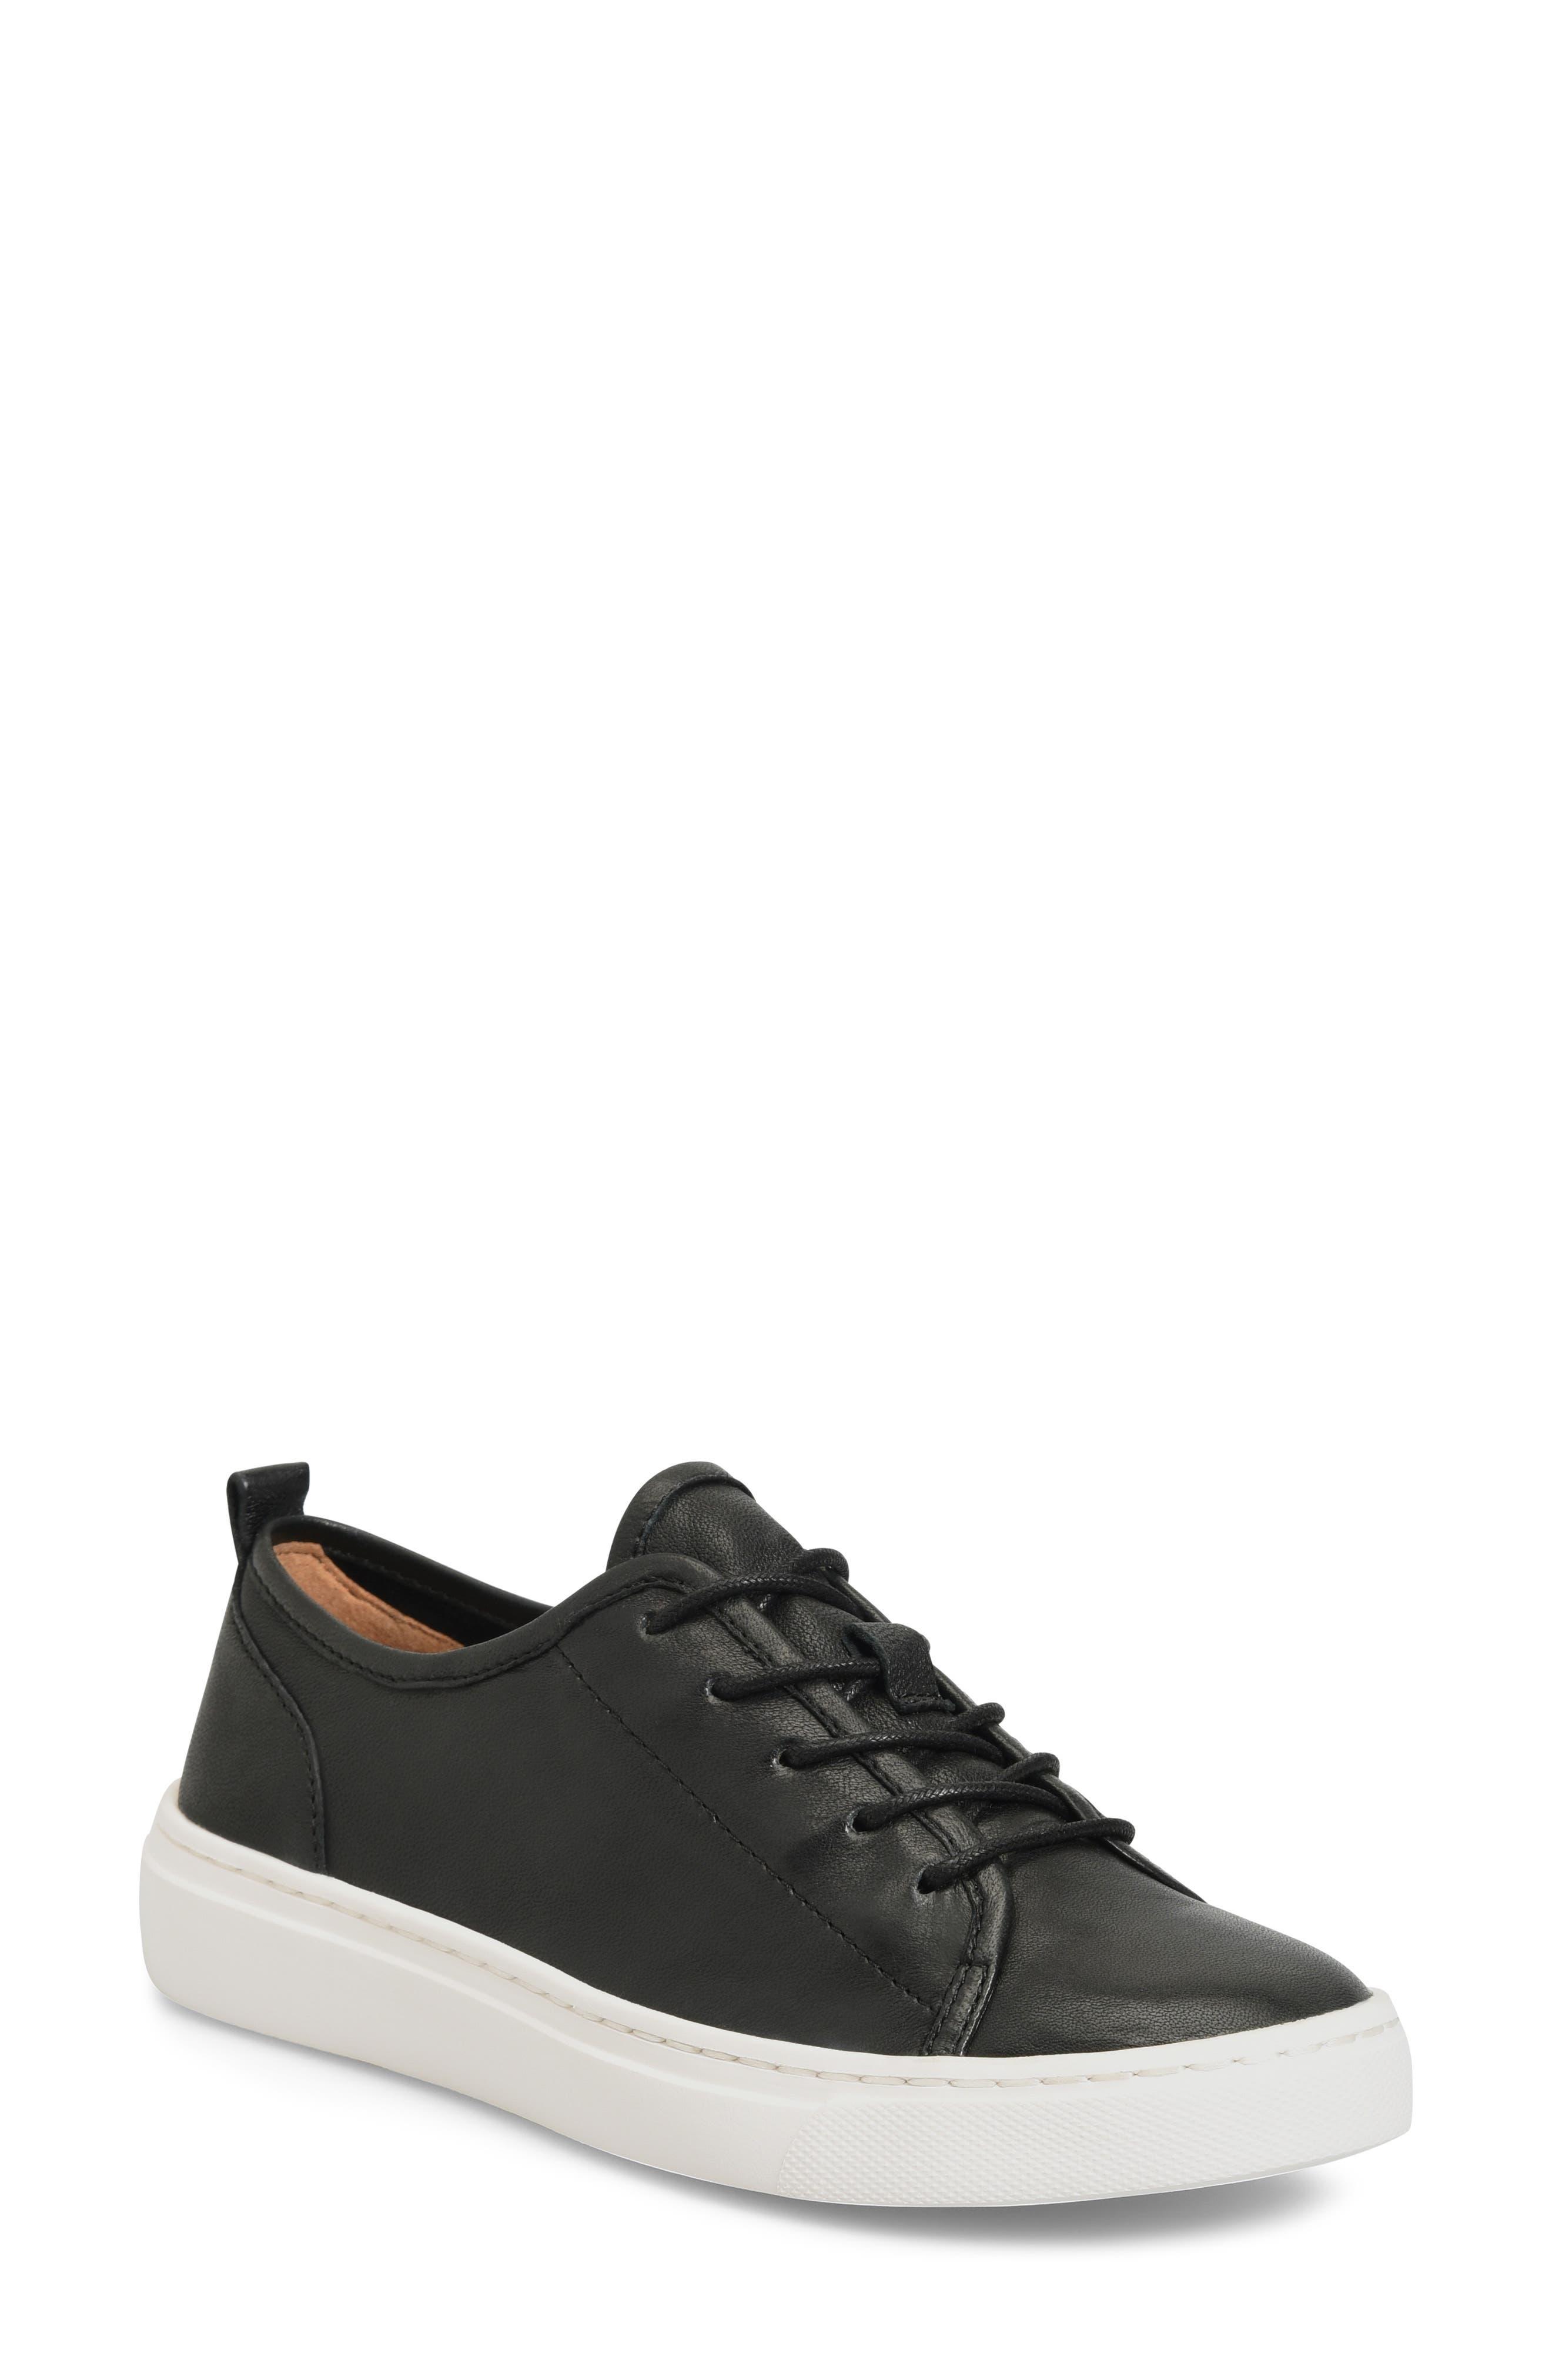 Talen Leather Sneaker